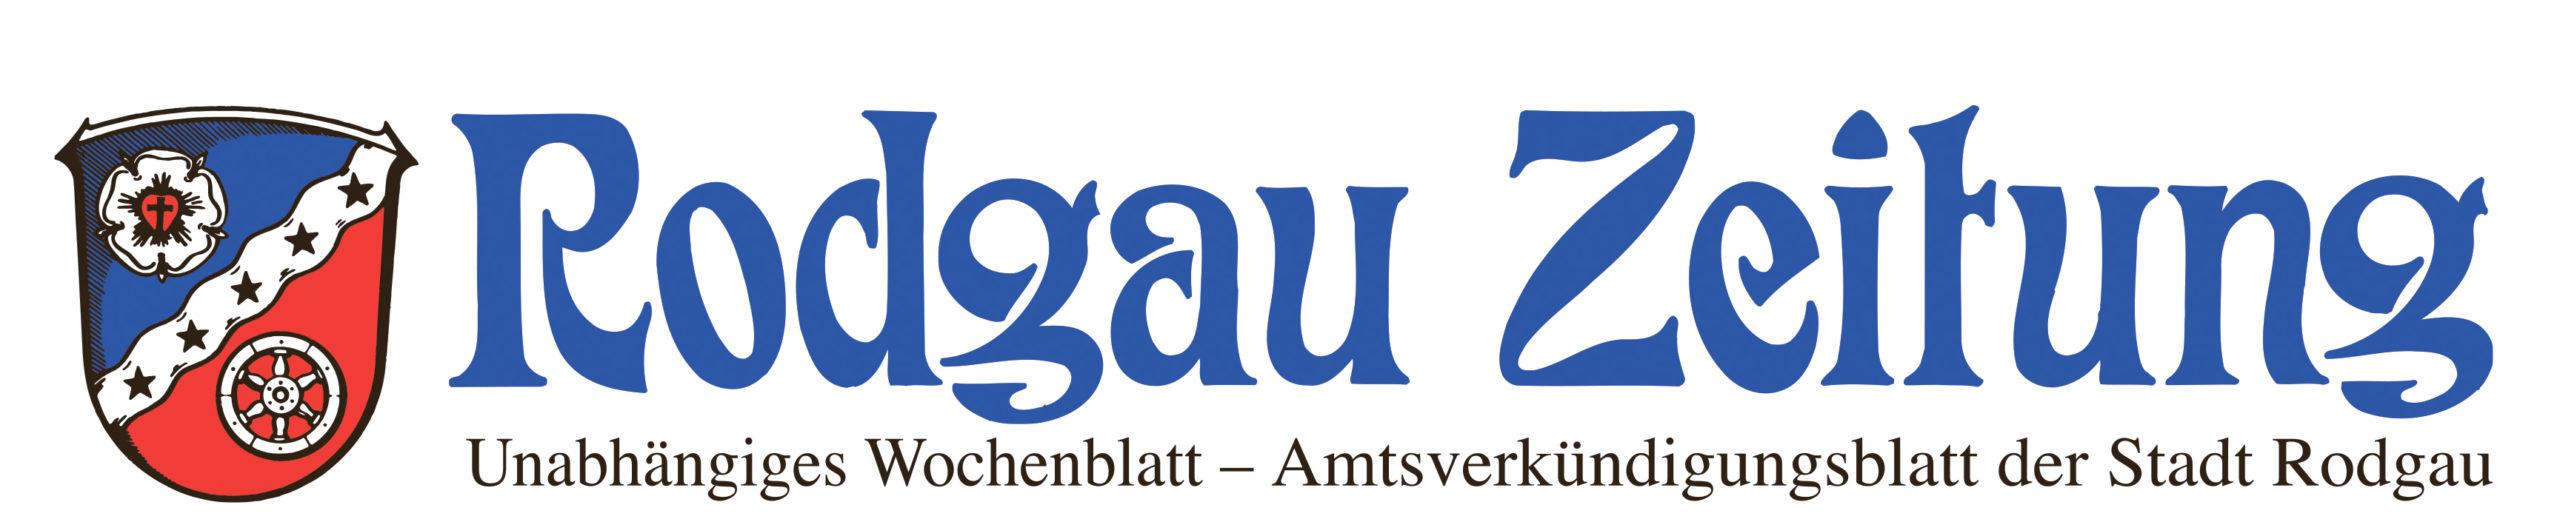 Rodgau Zeitung Logo